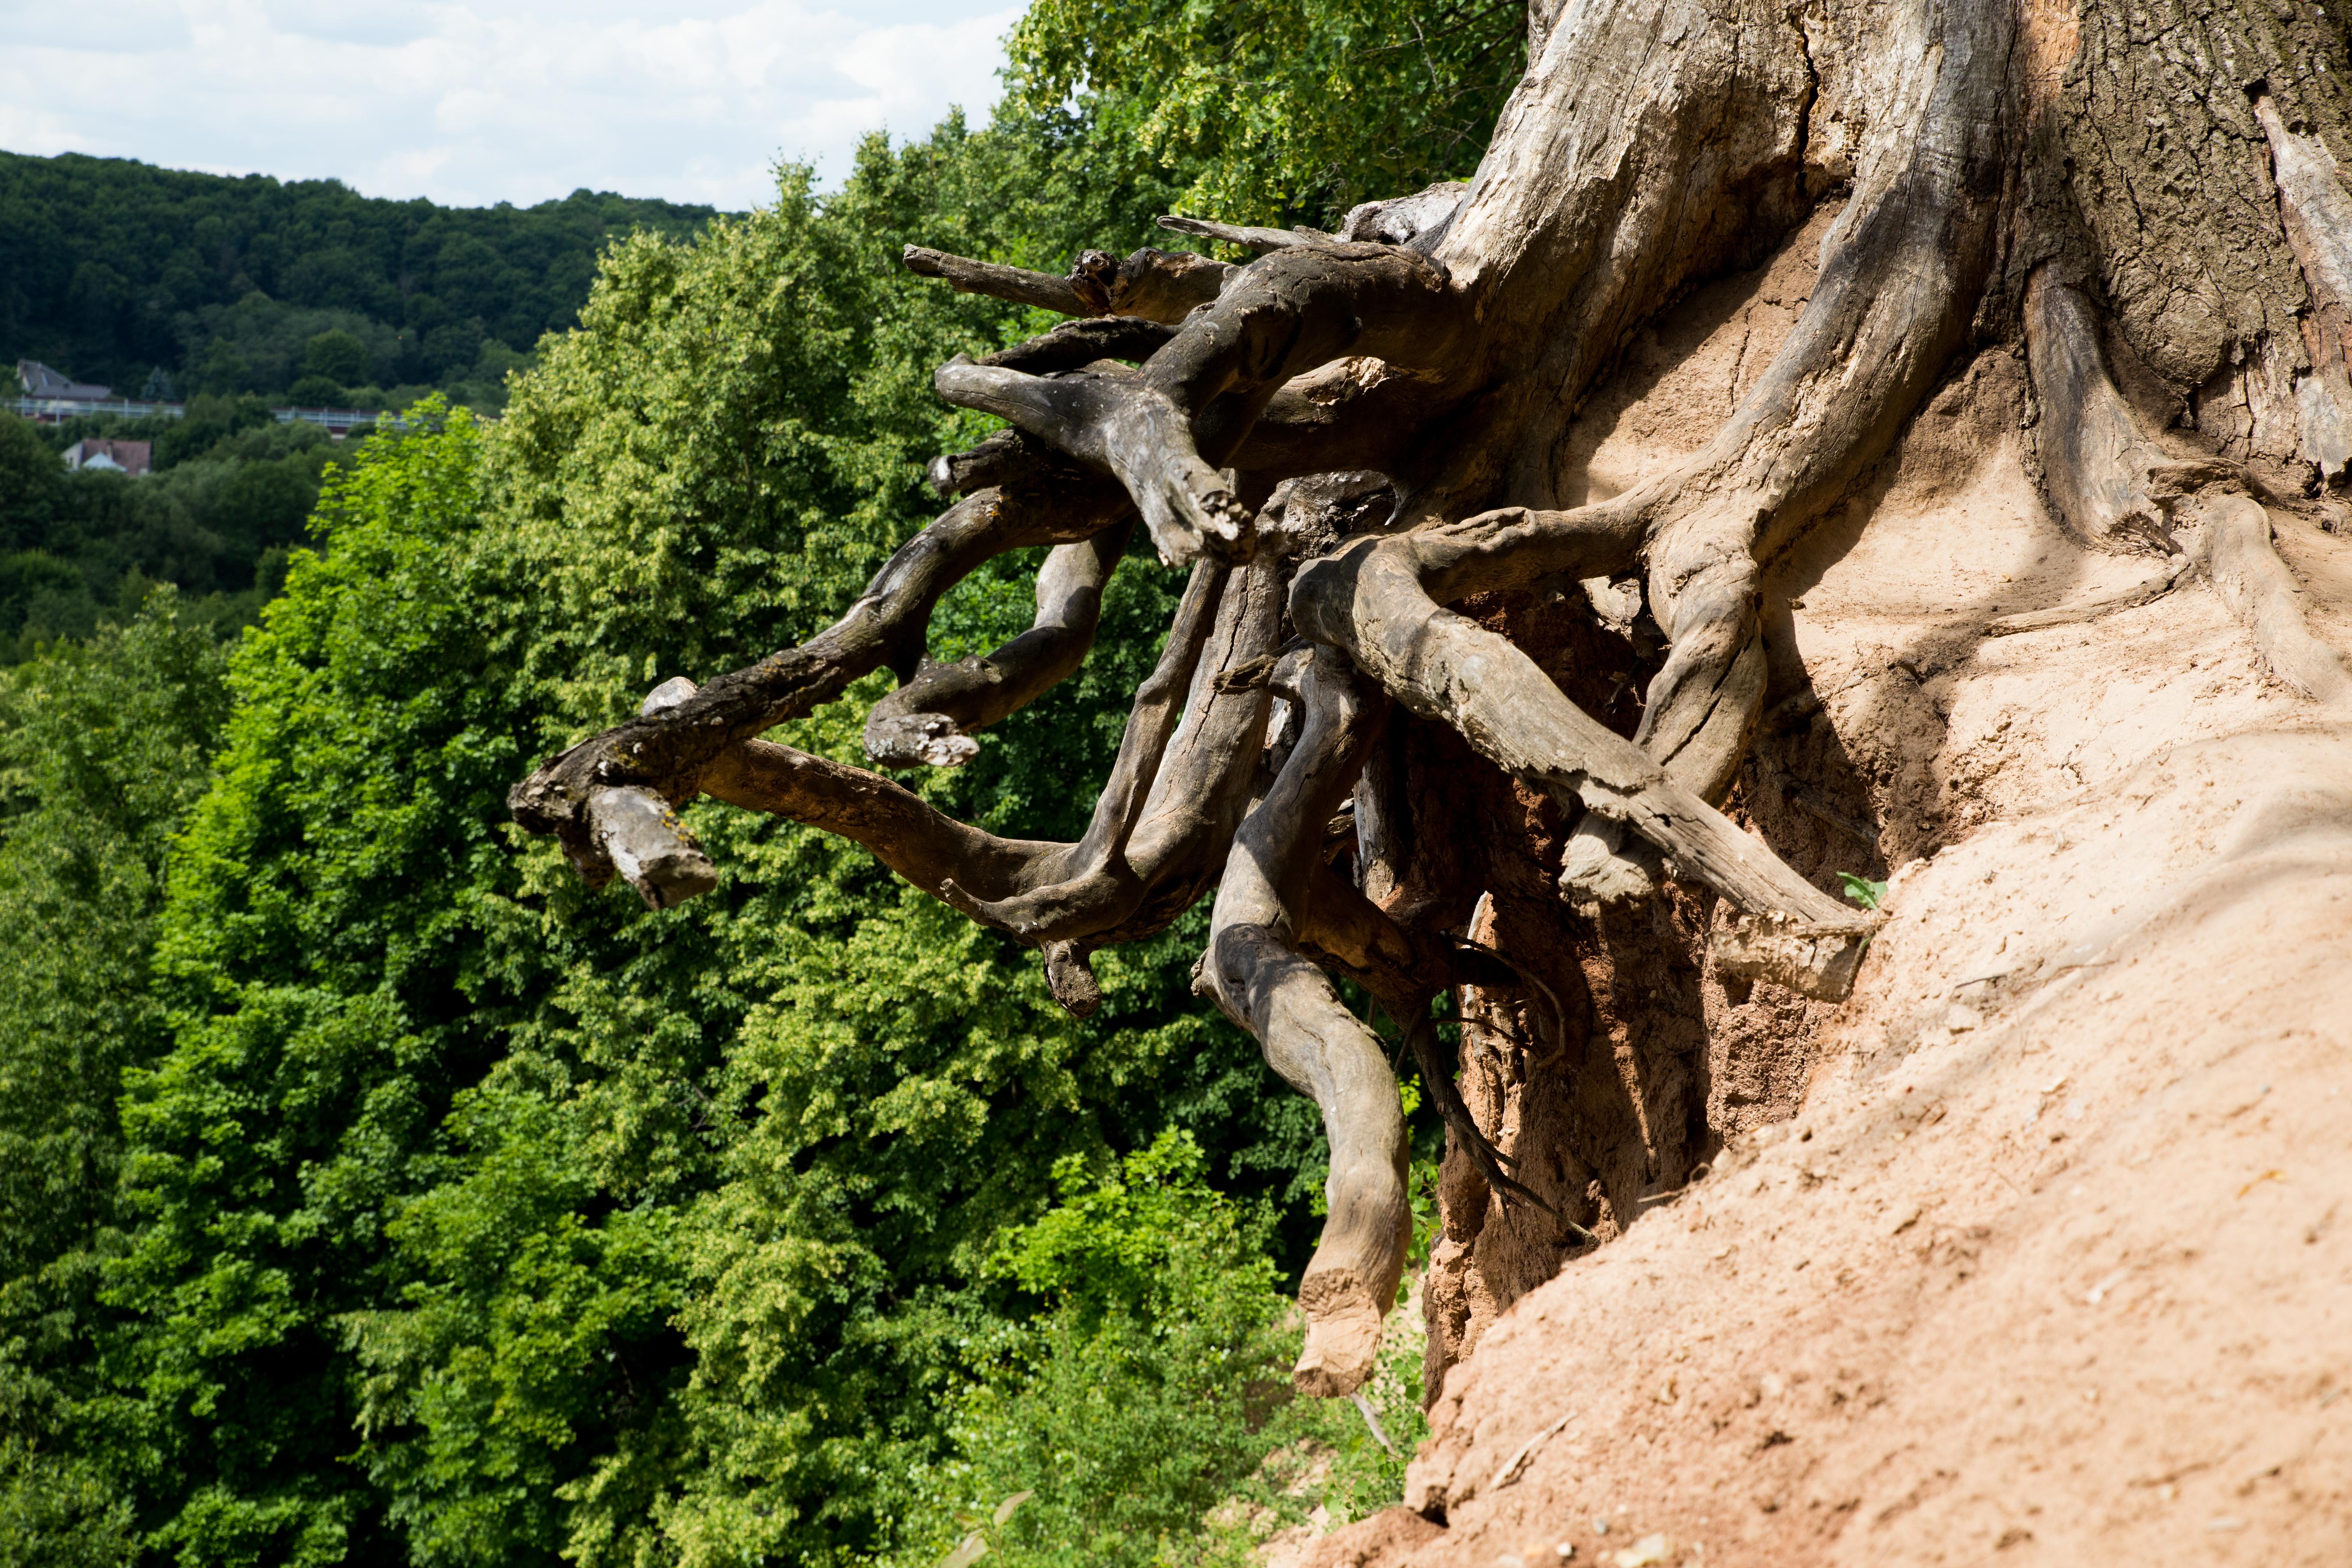 Net ir daliai kauniečių tikriausiai nežinoma, kad miesto pietinėje dalyje esančiame Jiesios draustinyje yra nuostabi gamtos pažinimo ir pasivaikščiojimo vieta. Kviečiame pasigrožėti vaizdais foto galerijoje, o esant galimybei – apsilankyti bei savo akimis jį pamatyti. <strong>Jiesios kraštovaizdžio draustinis</strong> <ul> <li>Jiesios kraštovaizdžio draustinis – saugoma teritorija Kauno rajone ir Kauno miesto pietinėje dalyje. Draustinis apima Jiesios upės žemupio slėnį. Plotas 410 ha (iš jų 176 ha priklauso Kauno miestui).</li> <li>Draustinyje saugomos vaizdžios Jiesios pakrančių atodangos, atveriančios kreidos ir kvartero periodo uolienas, taip pat eroziniai šlaitai ir krantai. Į draustinio teritoriją patenka ir Napoleono kalnas, stūksantis šalia Jiesios ir Nemuno santakos.</li> <li>Jiesios pažintinis takas (apie 2 km) yra nutiestas Jiesios kraštovaizdžio draustinyje.</li> <li>Draustinio teritorijoje auga reti ir saugomi augalai – gebenė lipikė, tuščiaviduris rūtenis, tarpinis rūtenis, klumpaitė, lieknoji plukė, mažoji vištapienė, plačialapė gegūnė, didysis asiūklis, žirnialapis vikis, didžioji dantenė, didysis putelis, gležnalapė nertis, gegužraibė, kompasinė salota, raudonžiedis žalčialunkis, paprastasis sausažiedis, paprastasis burbulis, mėlynasis palemonas ir kt.</li> <li>Slėnyje gyvena reta vabzdžių rūšis – kalninė apsiuva, yra elniaragių, puošniažygių, juodųjų apolonų, kalninių cikadų. Gyvena apie 50 paukščių rūšių, yra šikšnosparnių, žalčių, kiaunių, lazdyninių miegapelių, stirnų, šernų.</li> </ul>